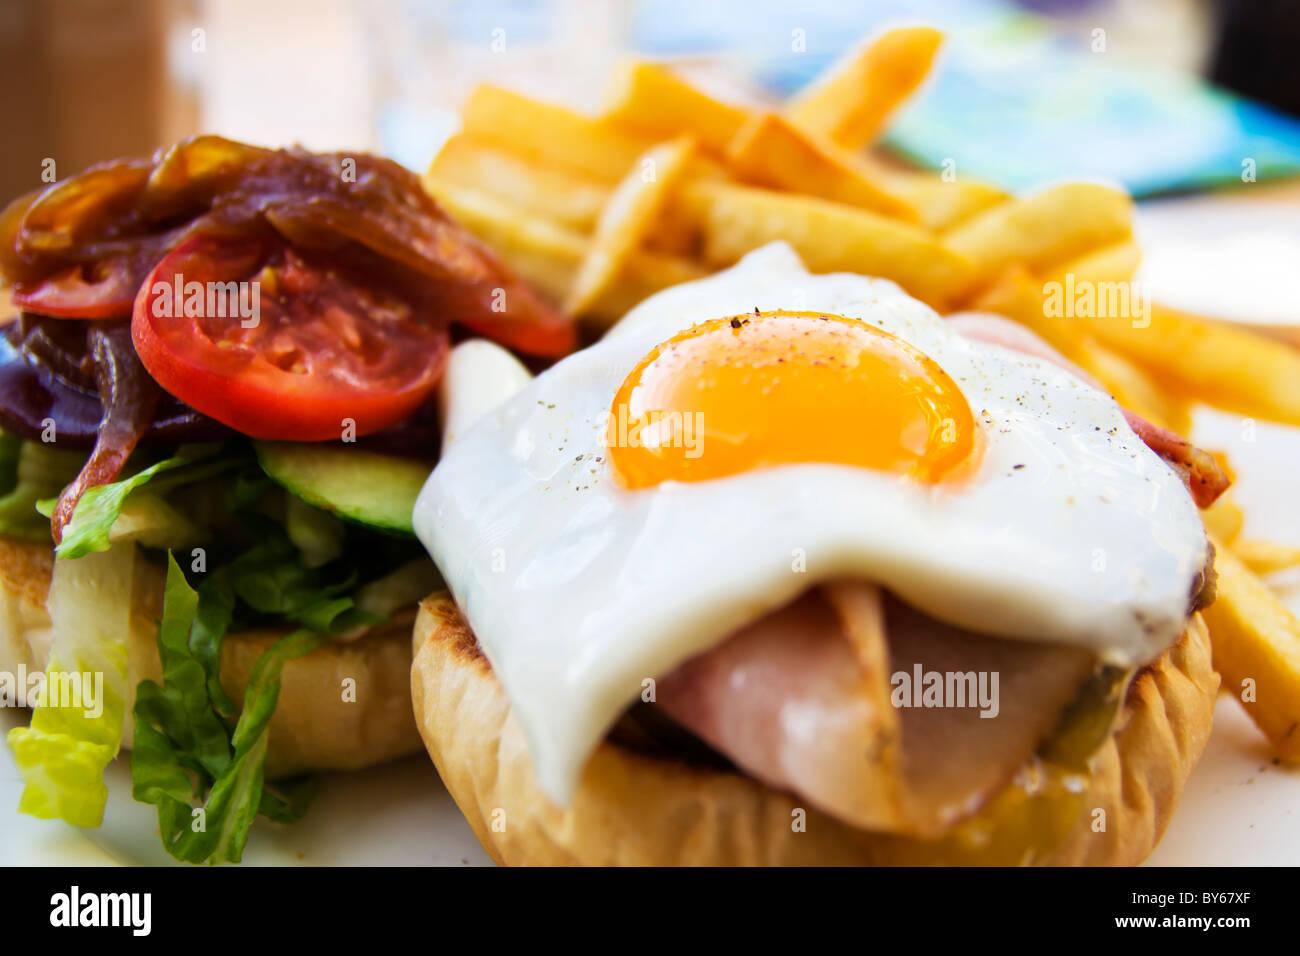 Carni bovine wagyu hamburger con patatine, pancetta, prosciutto, uova e ortaggi Foto Stock